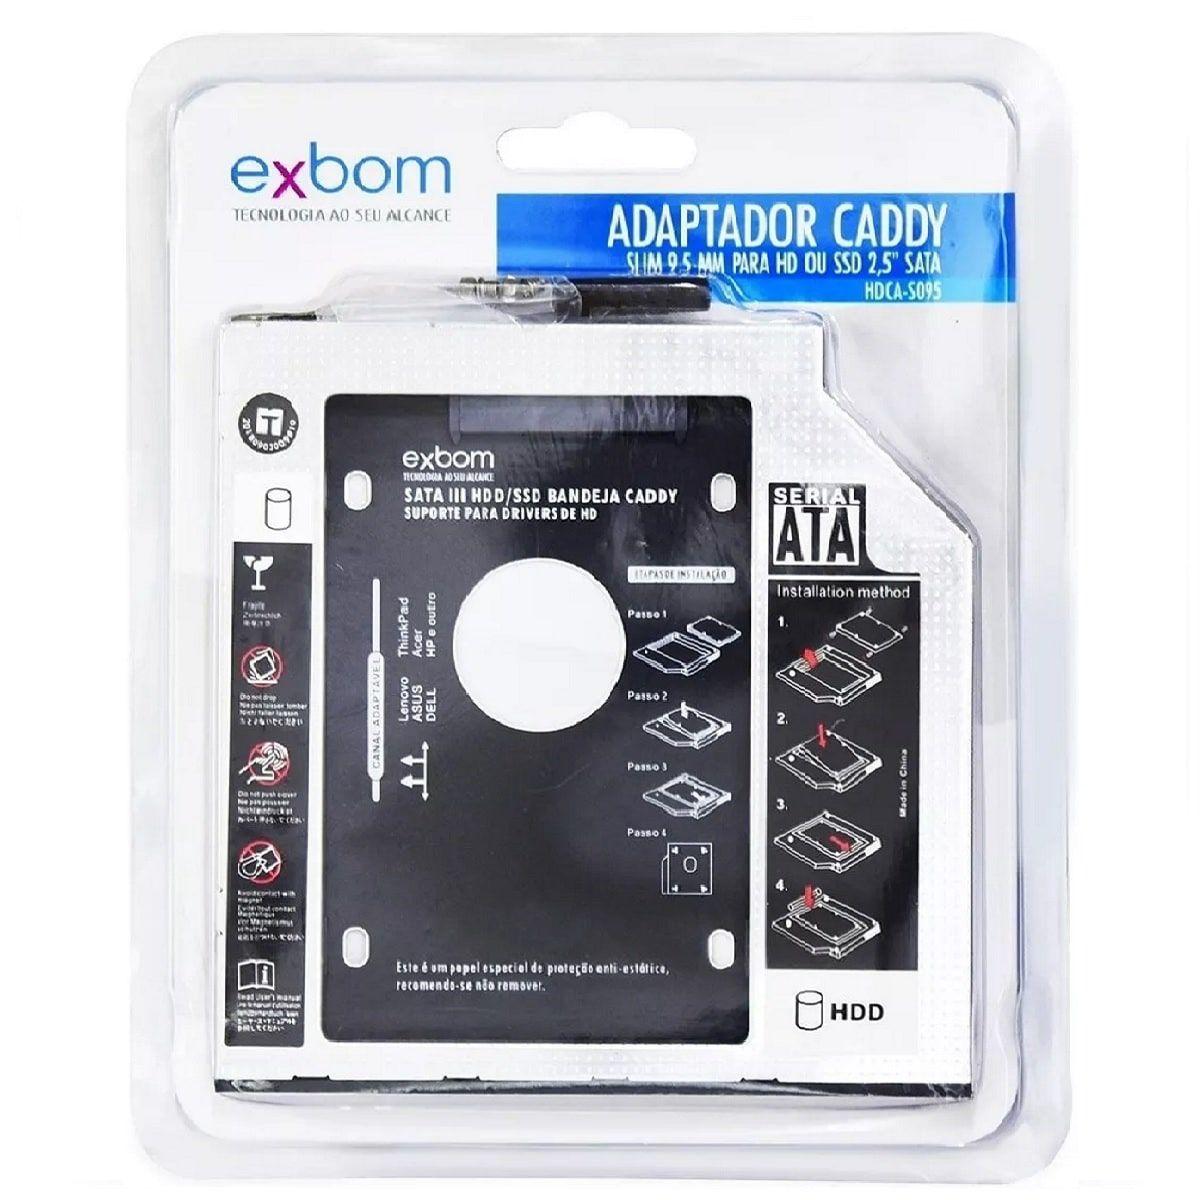 Adaptador Caddy para segundo HD ou SSD 9,5mm Substitui DVD para Notebook EXBOM HDCA-S095